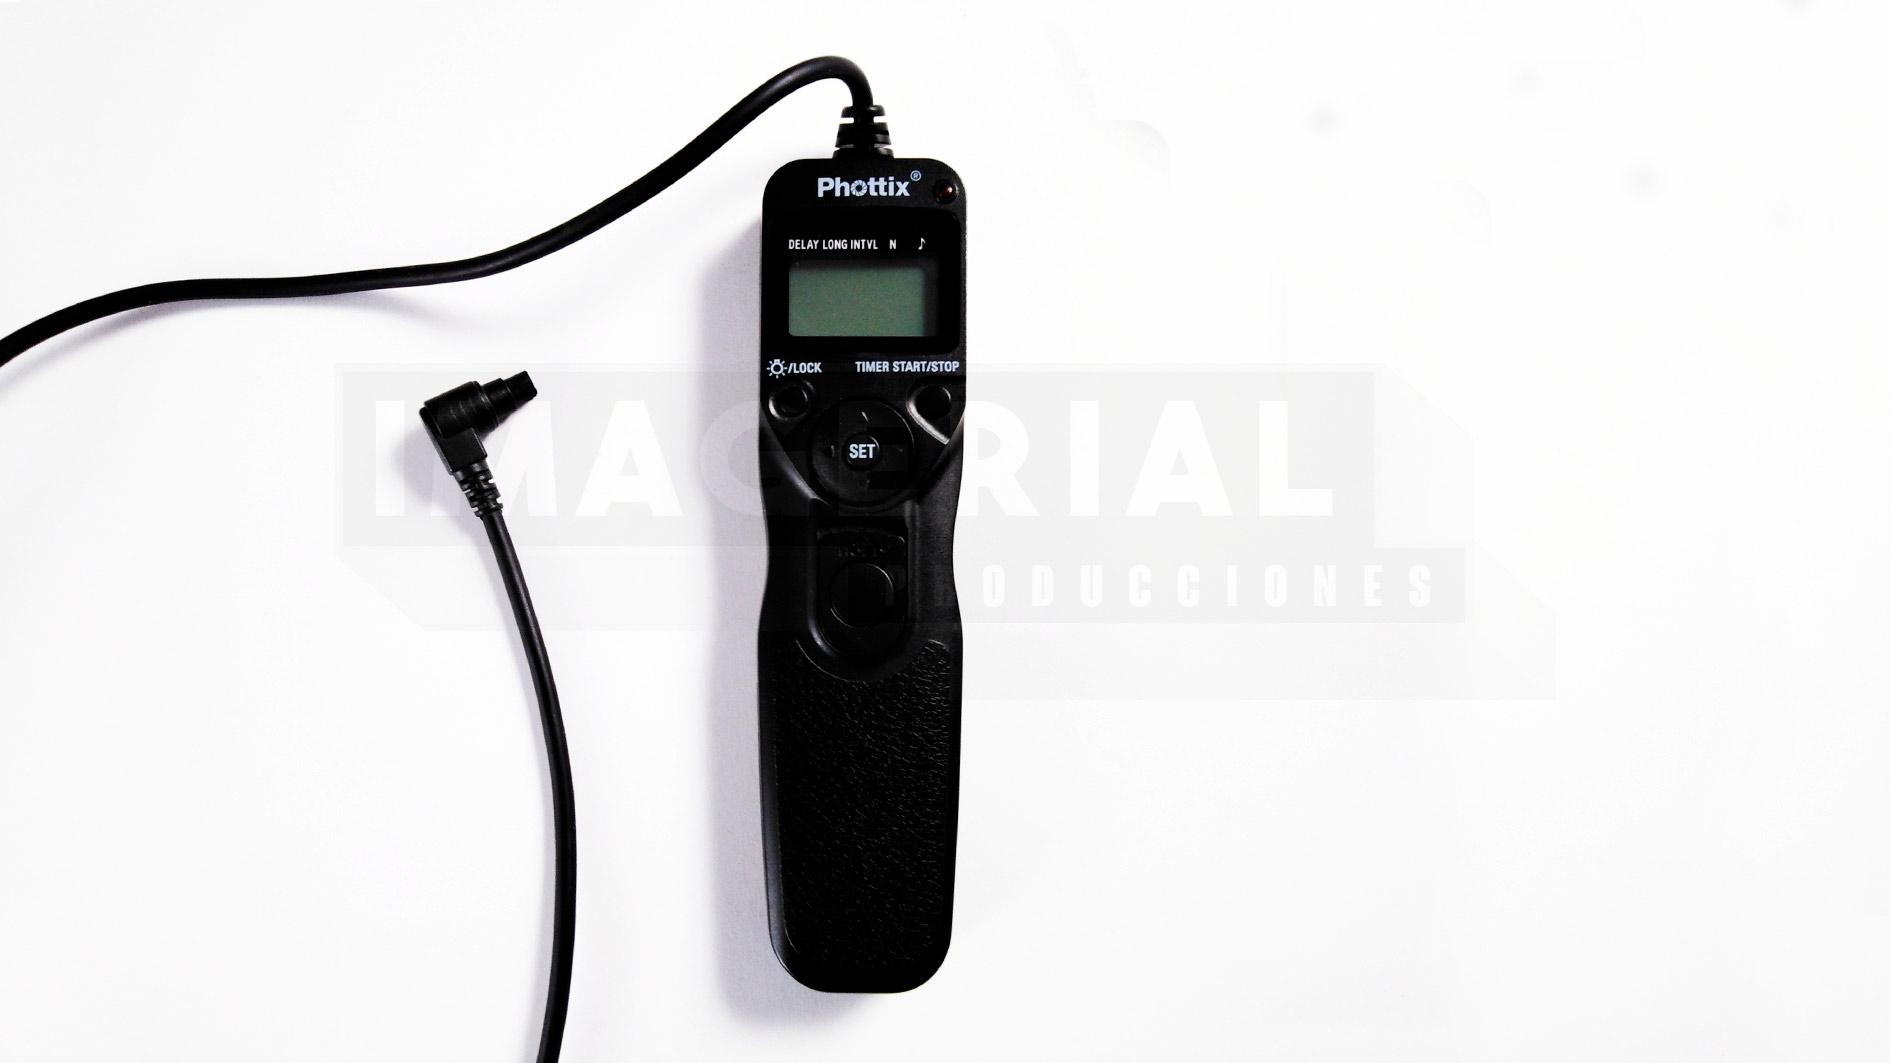 TEMPORIZADOR PHOTTIX TR90-C8. IMAGERIAL PRODUCCIONES ALQUILER DE EQUIPOS AUDIOVISUALES EN MADRID.